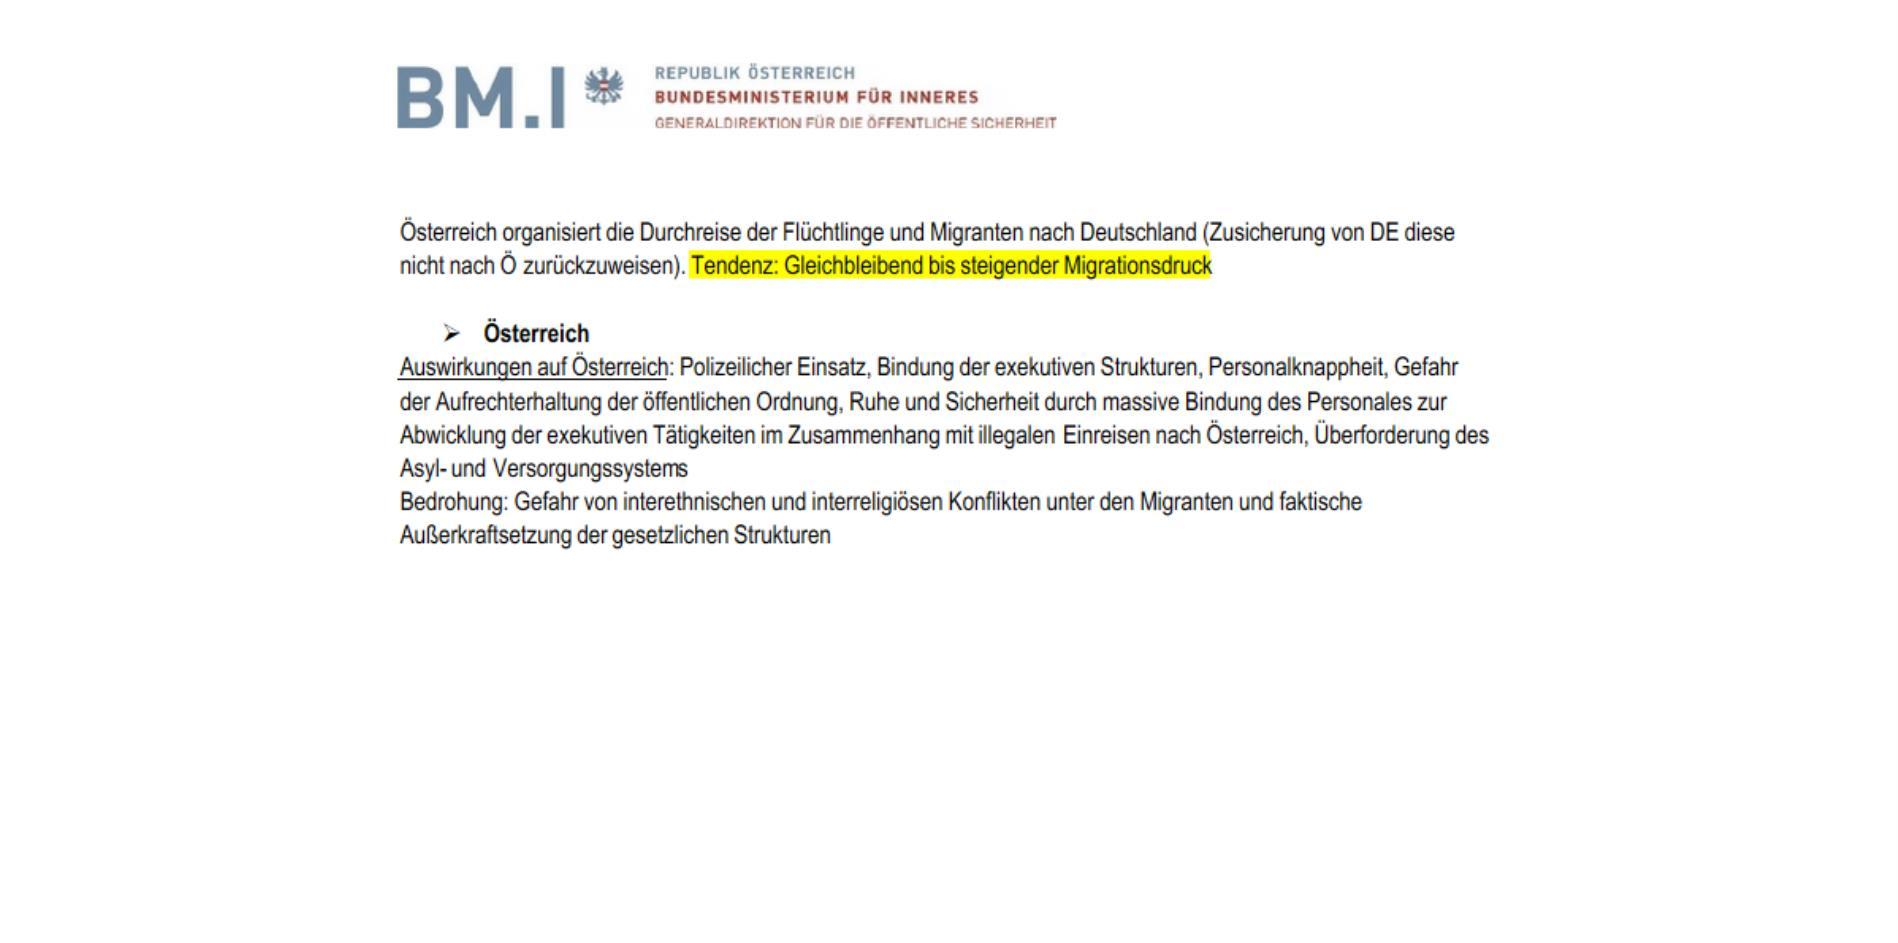 sonderbericht-der-dezeitigen-migrationslage-5.jpg